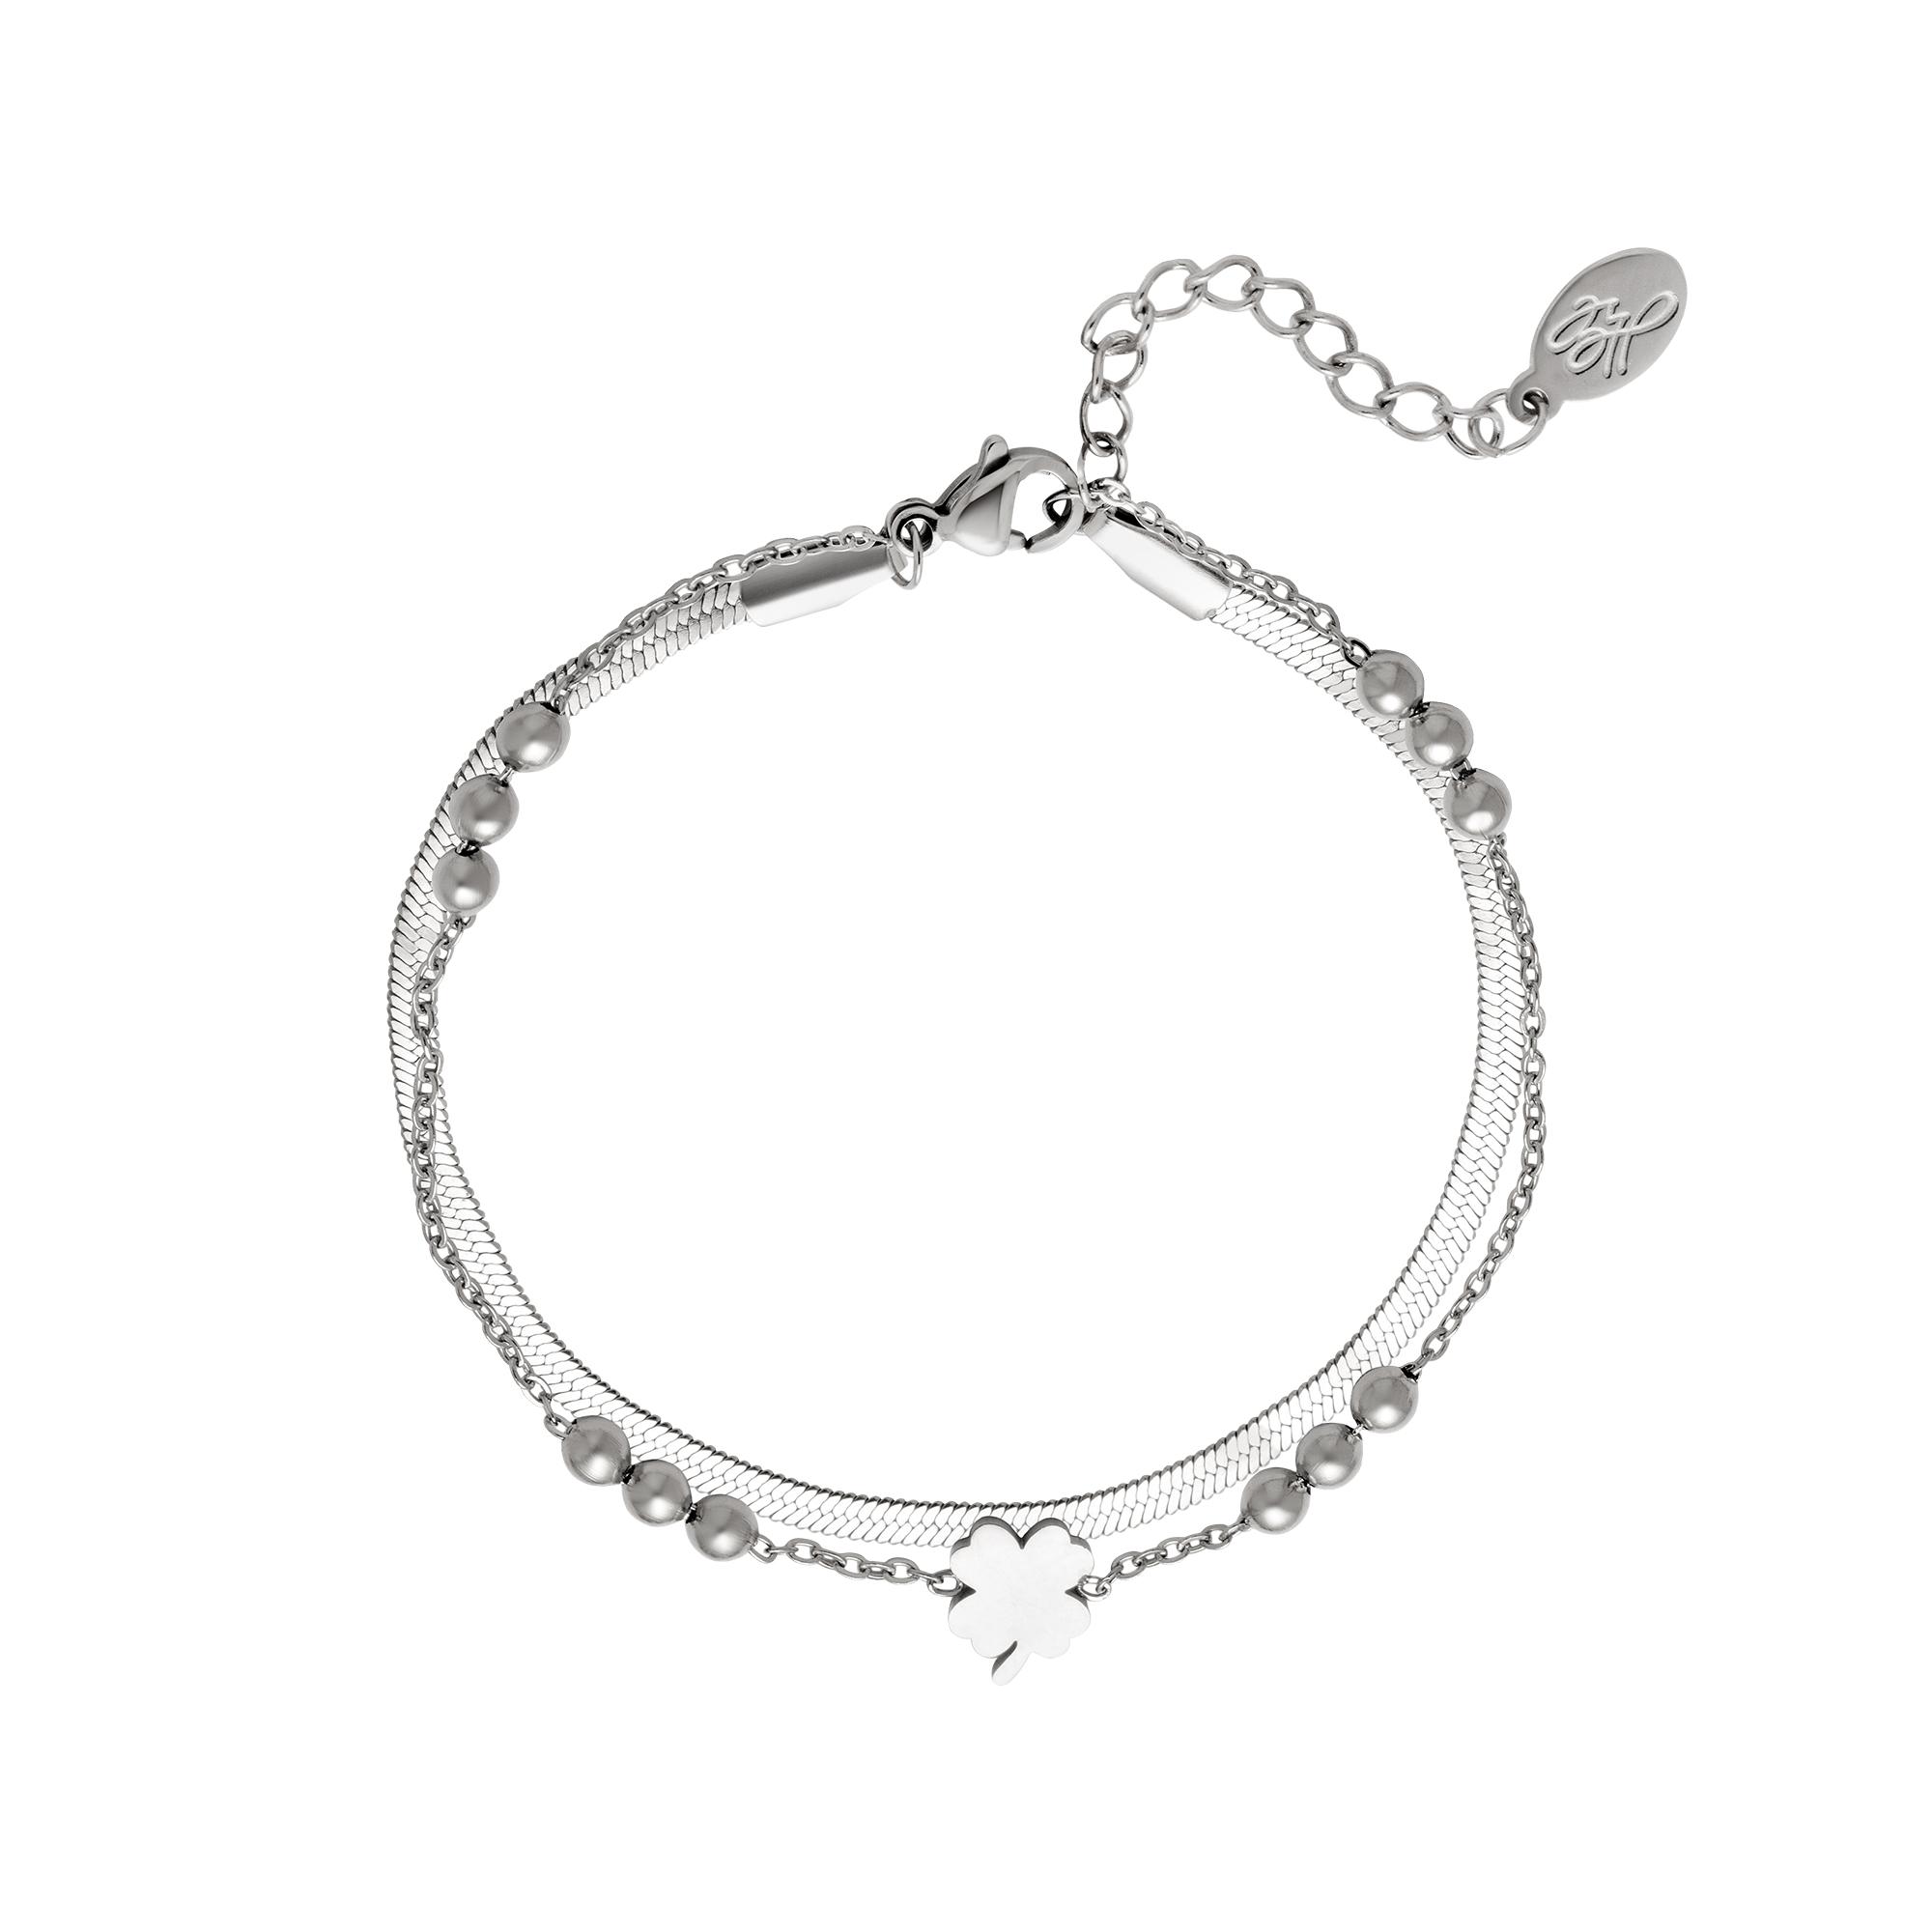 Armband mit mehreren ketten